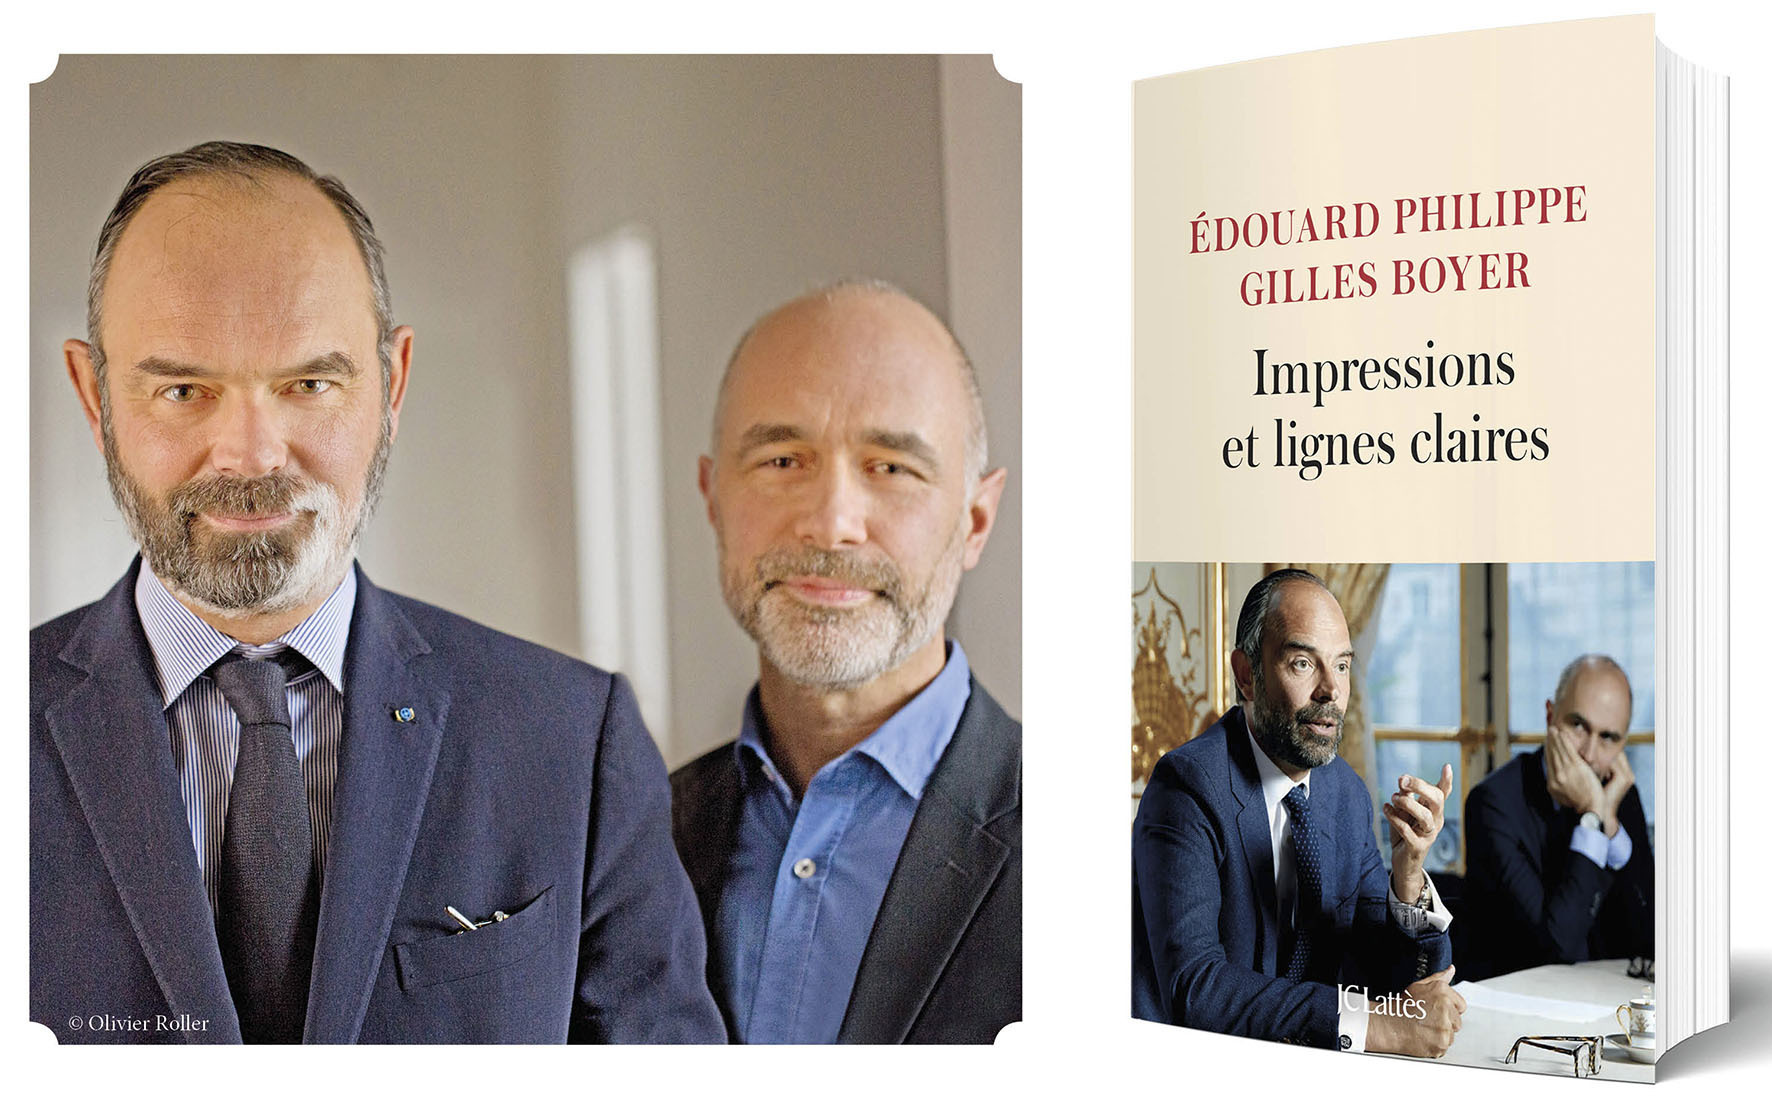 Les éditions JC Lattès organisent une séance de dédicace d'Edouard Philippe et Gilles Boyer.